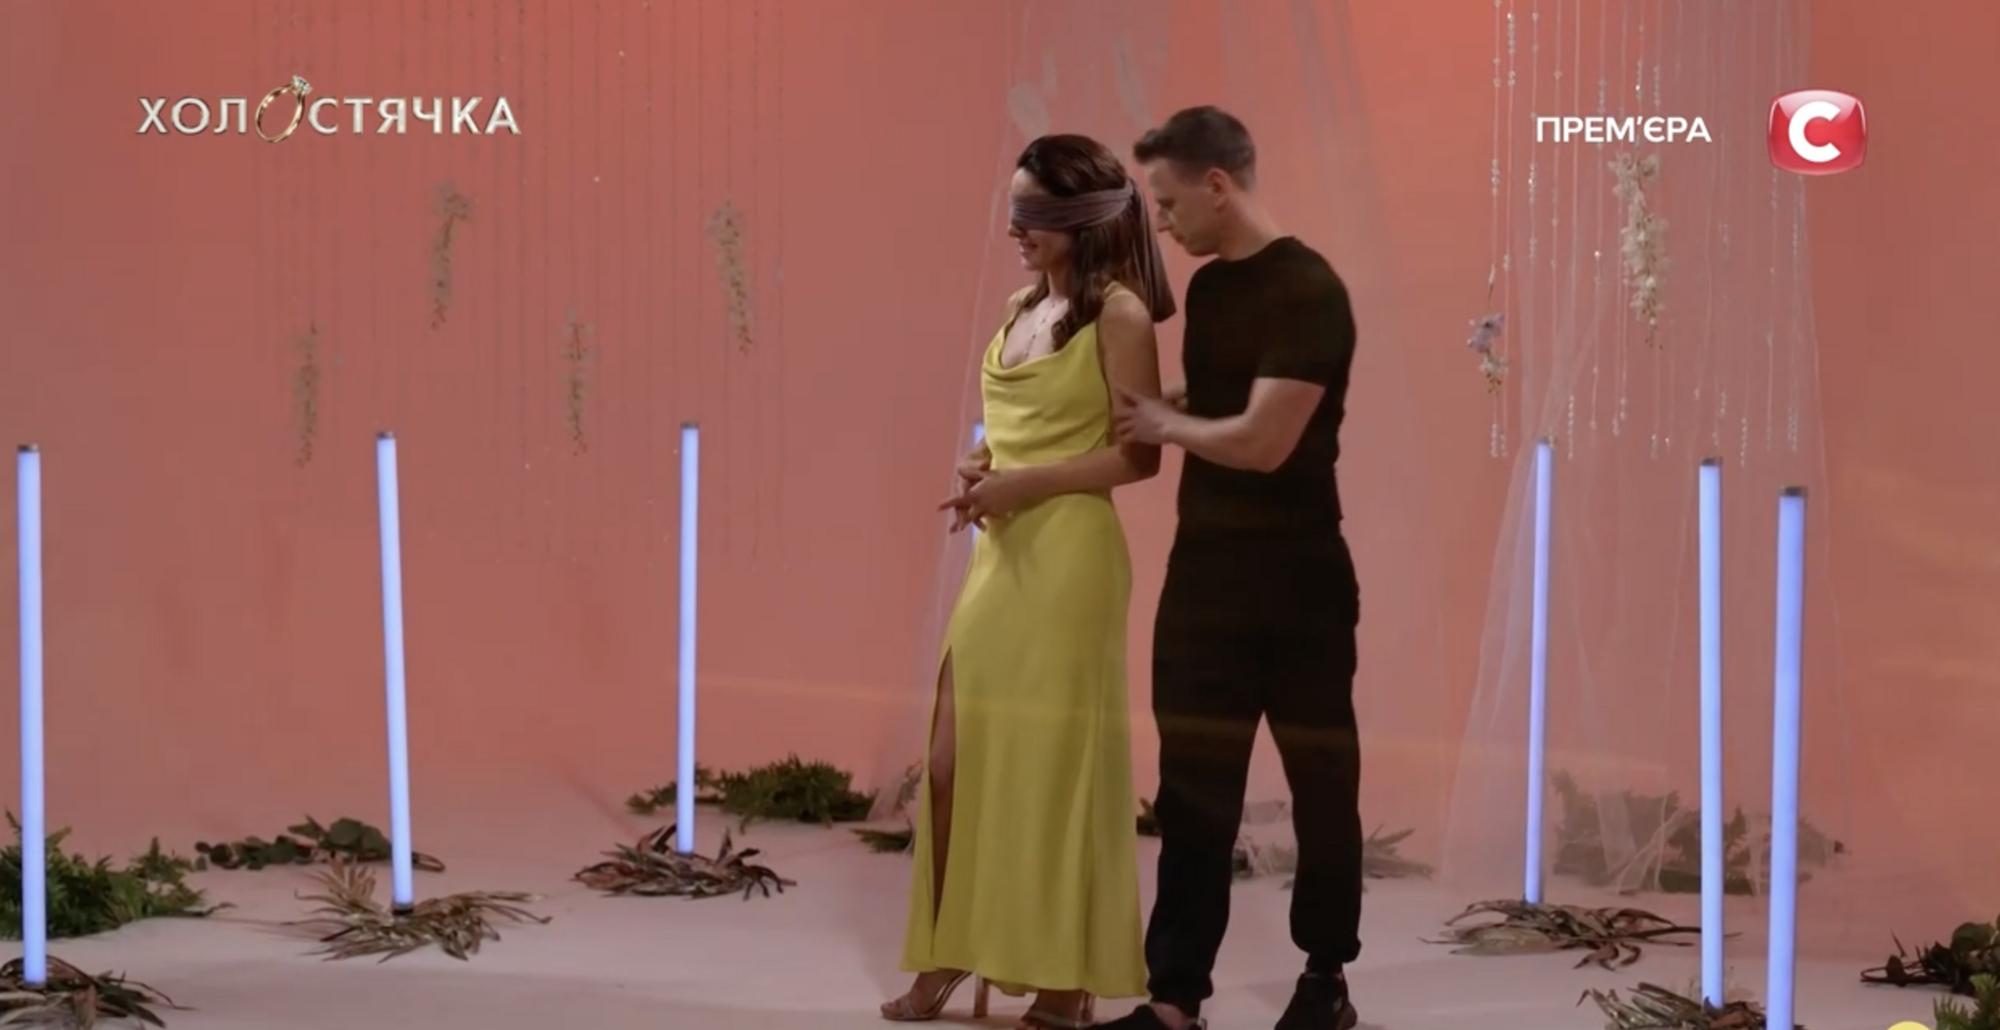 Злата Огневич танцует с участником Винченцо